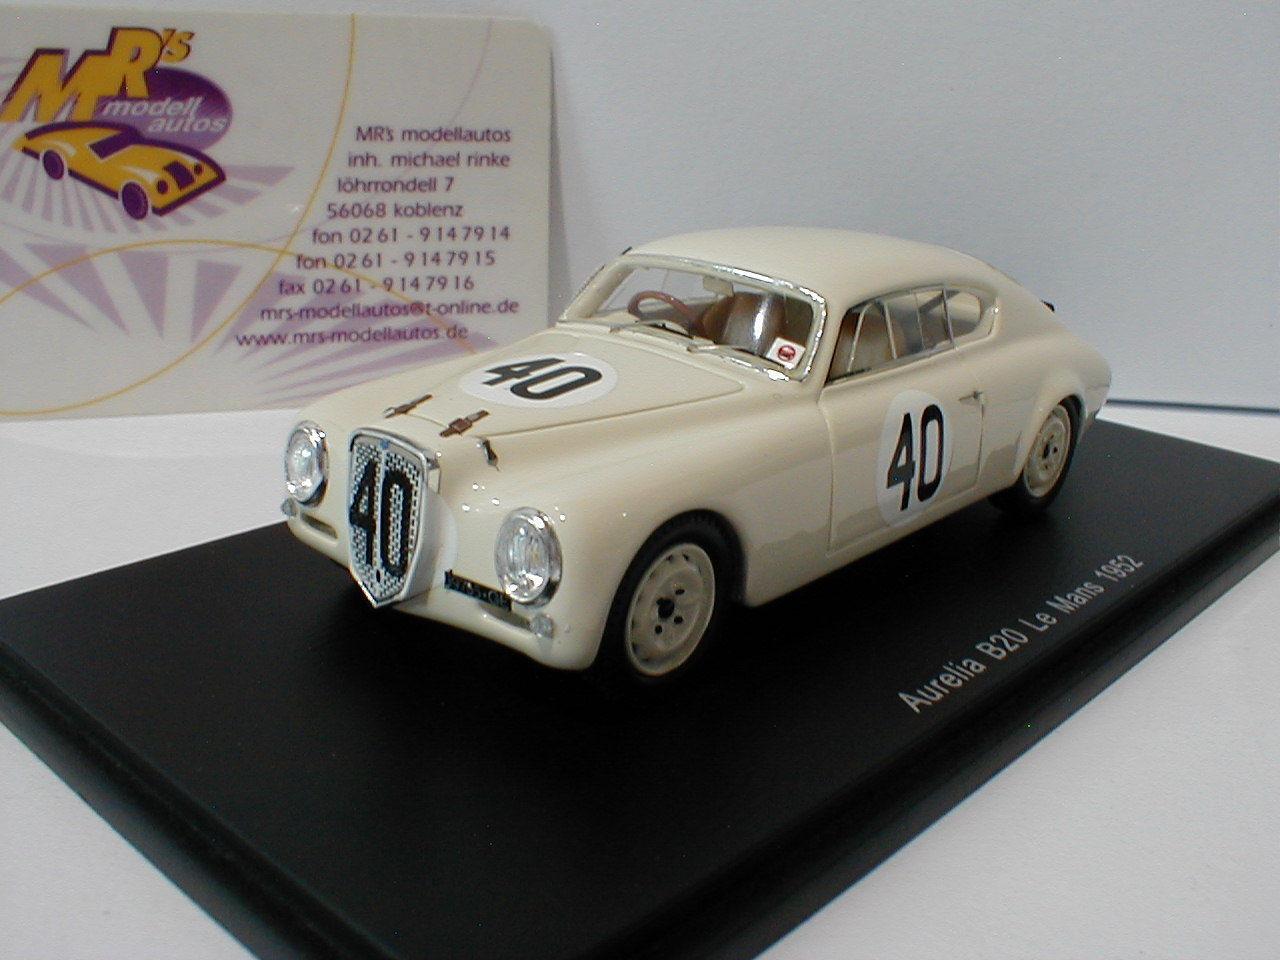 Spark s4392-Lancia Aurelia b20 No. 40 24h Lemans 1952 Bonetto, júnior 1 43